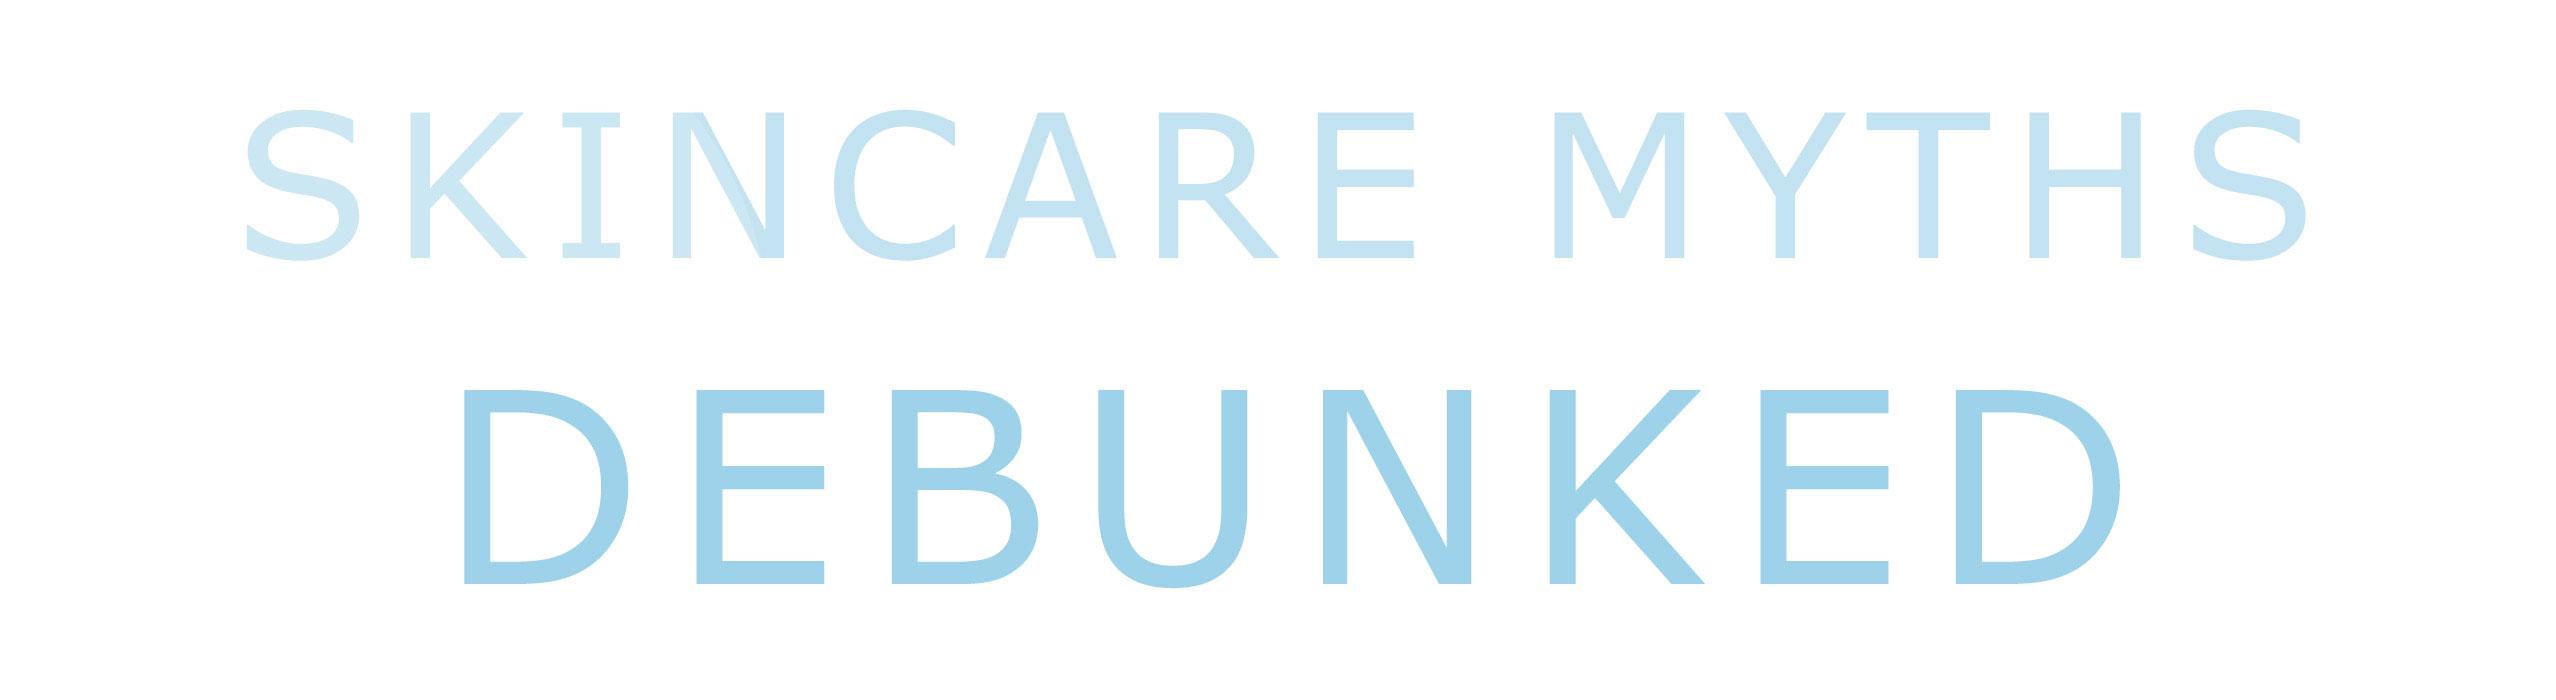 Skincare myths debuked!